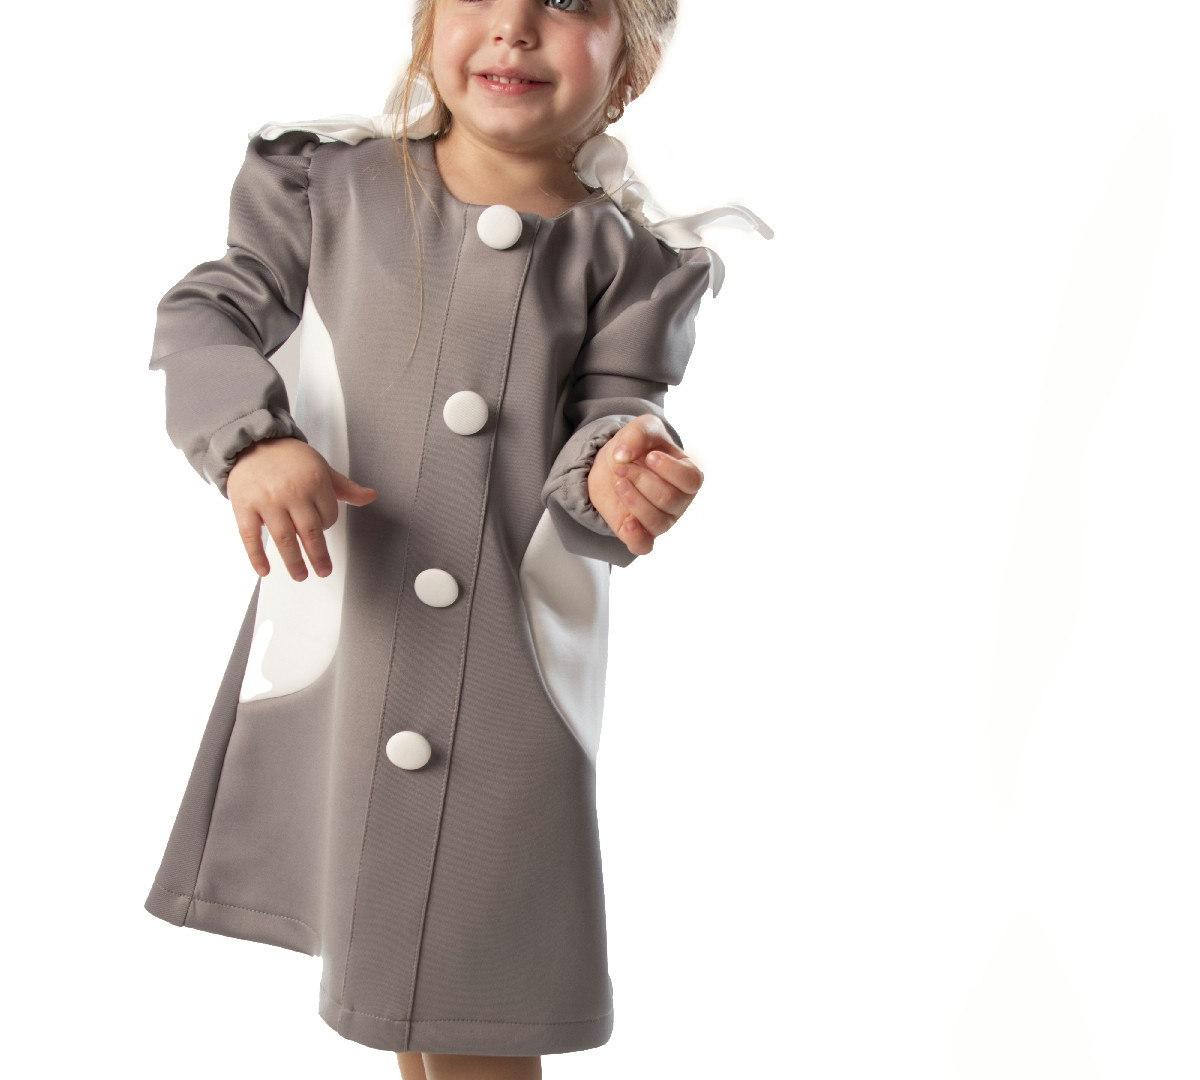 שמלת מגי malaya | מאליה אופנת ילדים